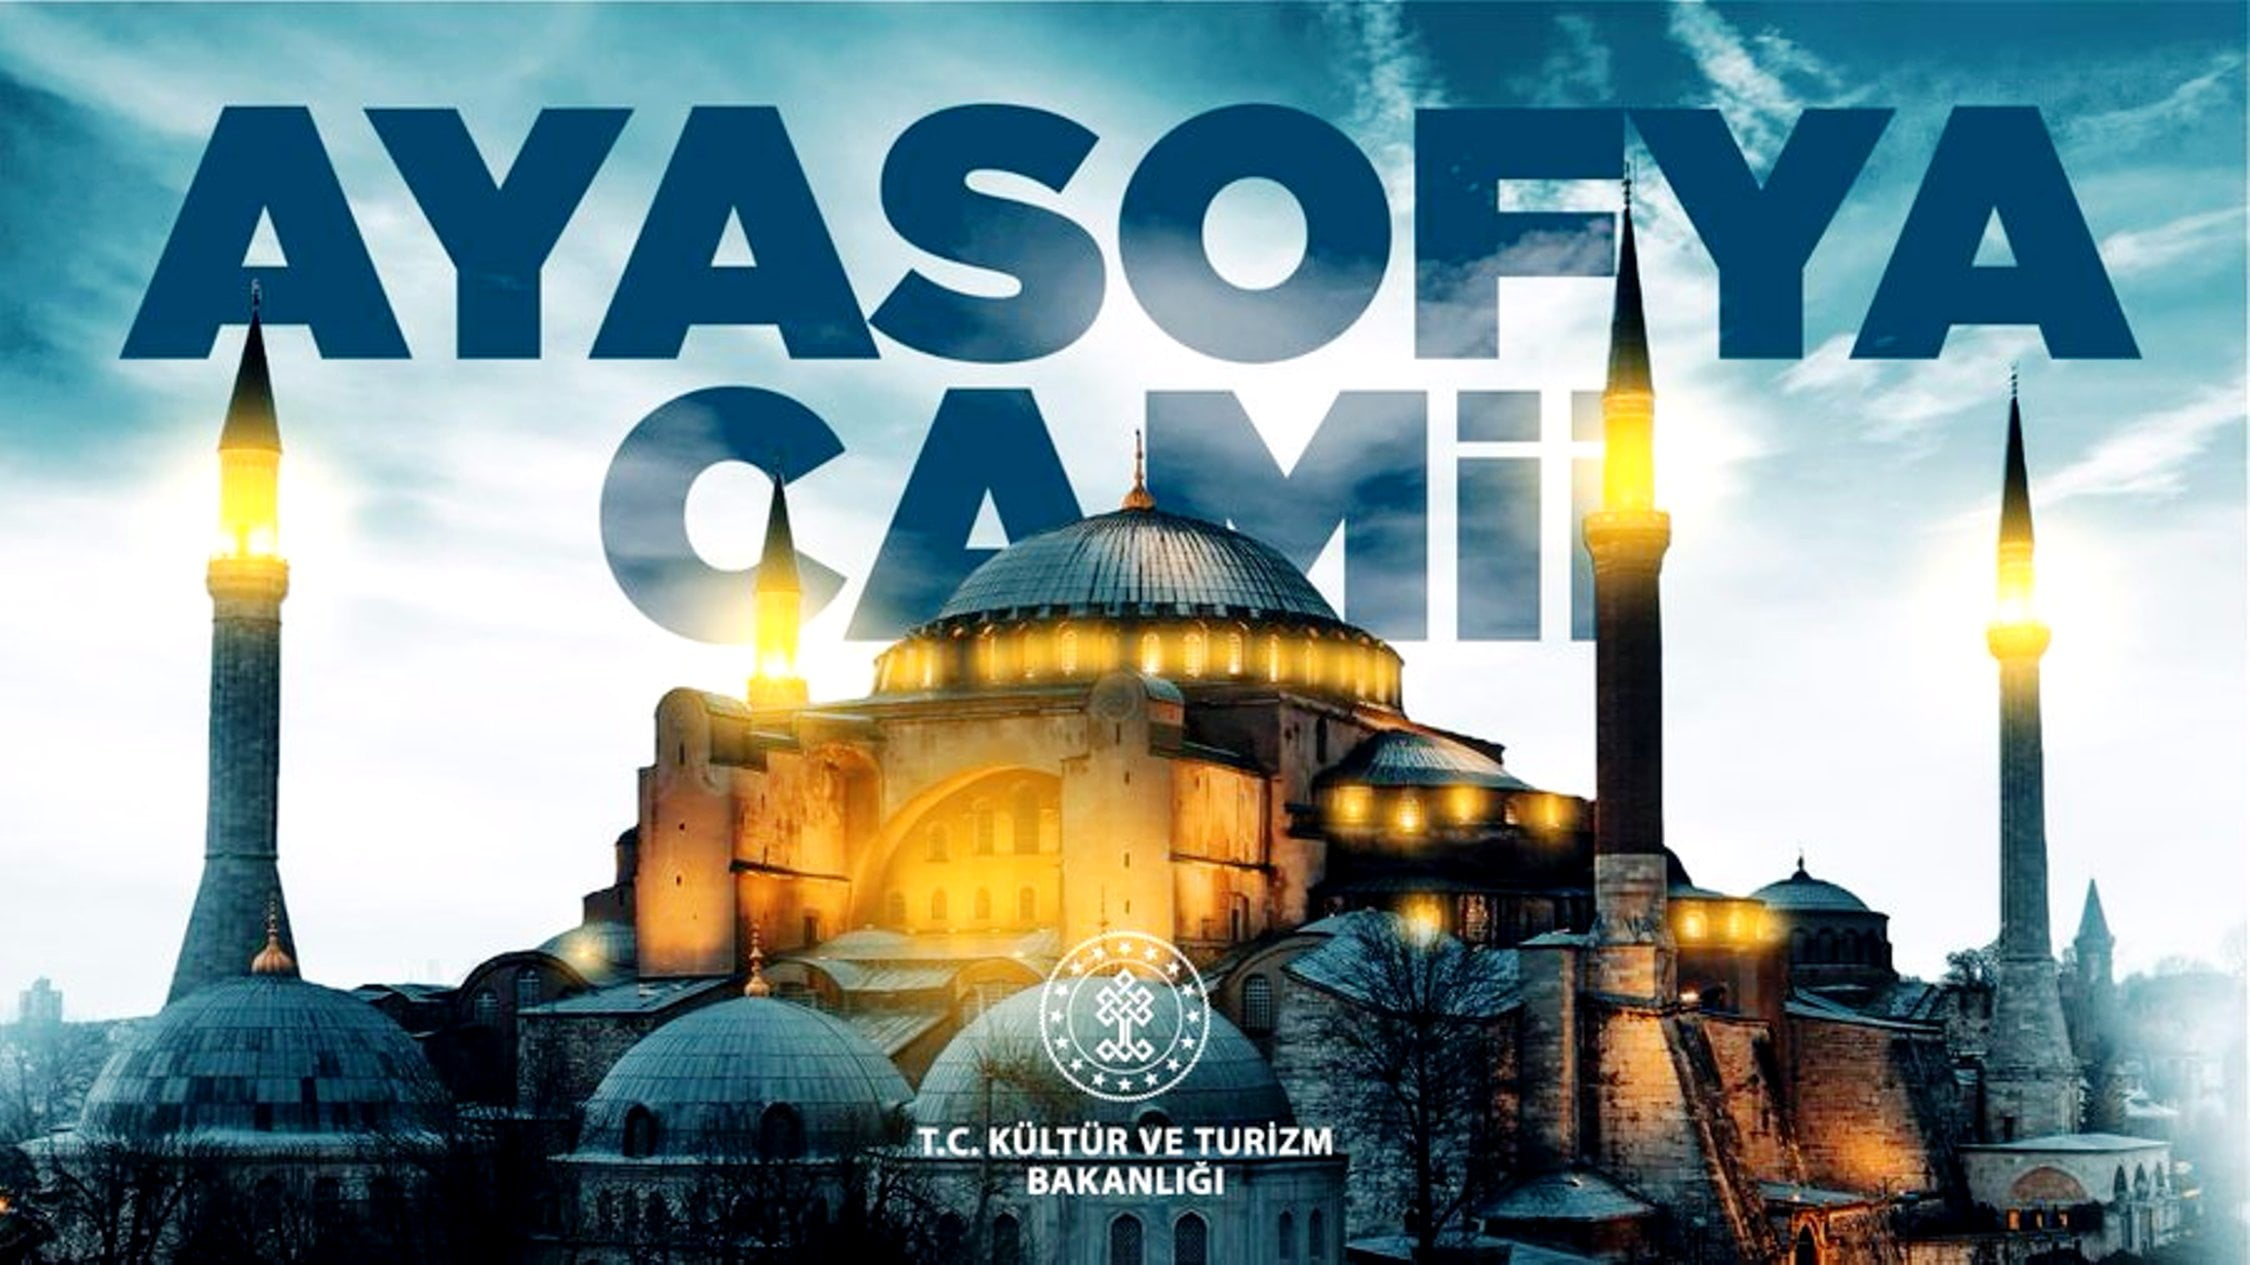 Οι στρατηγικές επιπτώσεις της απόφασης Ερντογάν για την Αγία Σοφία